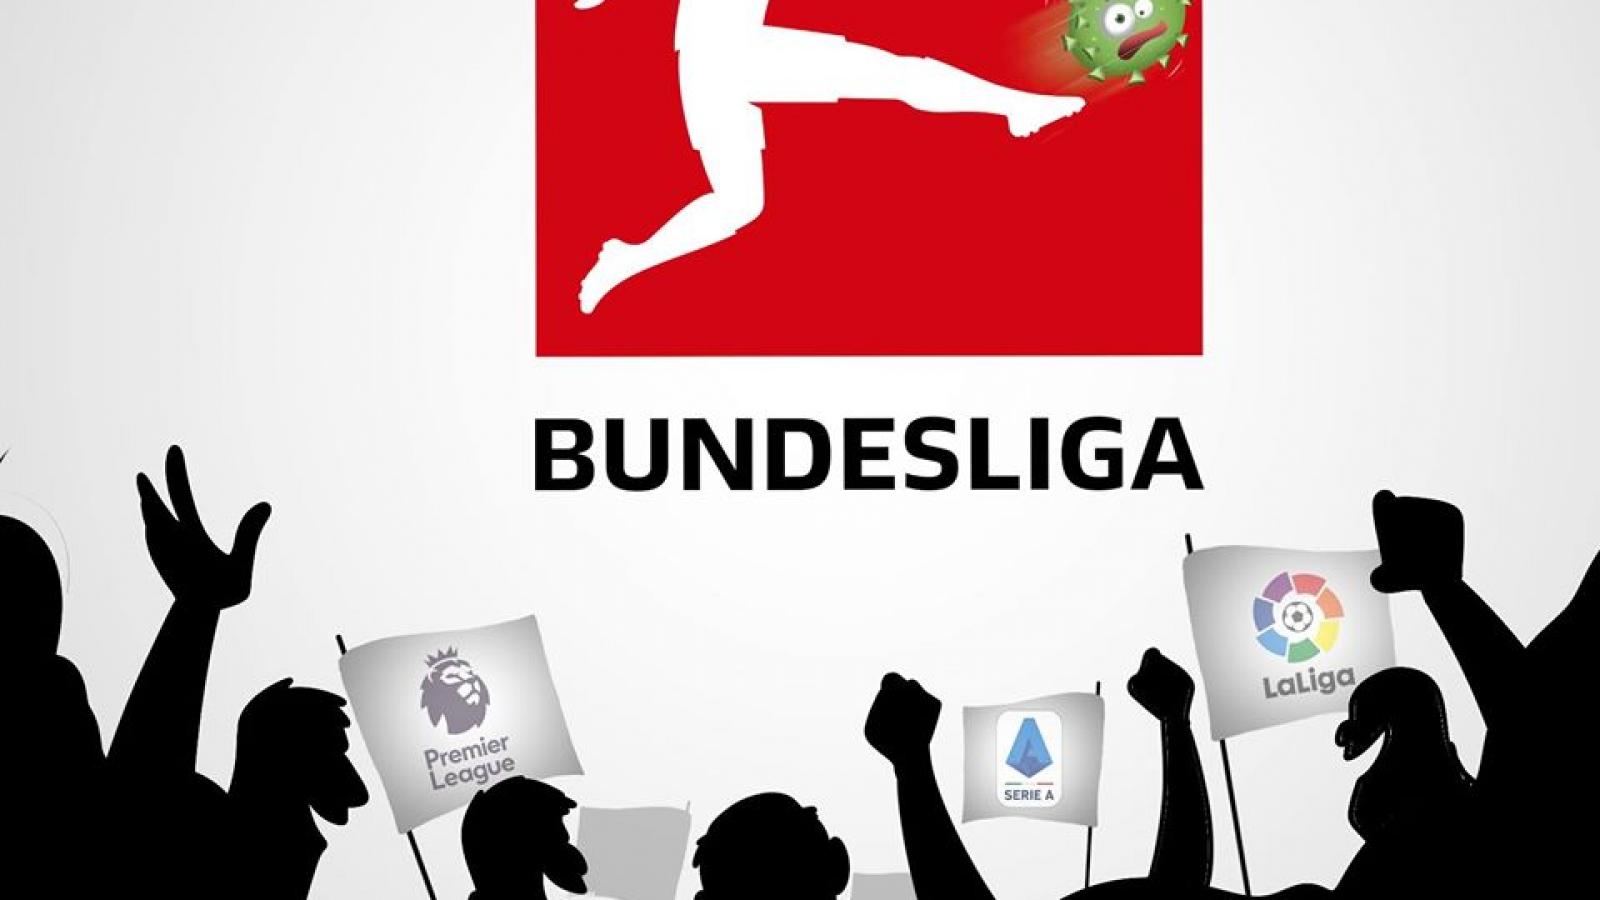 Biếm họa 24h: Đếm ngược ngày Bundesliga trở lại